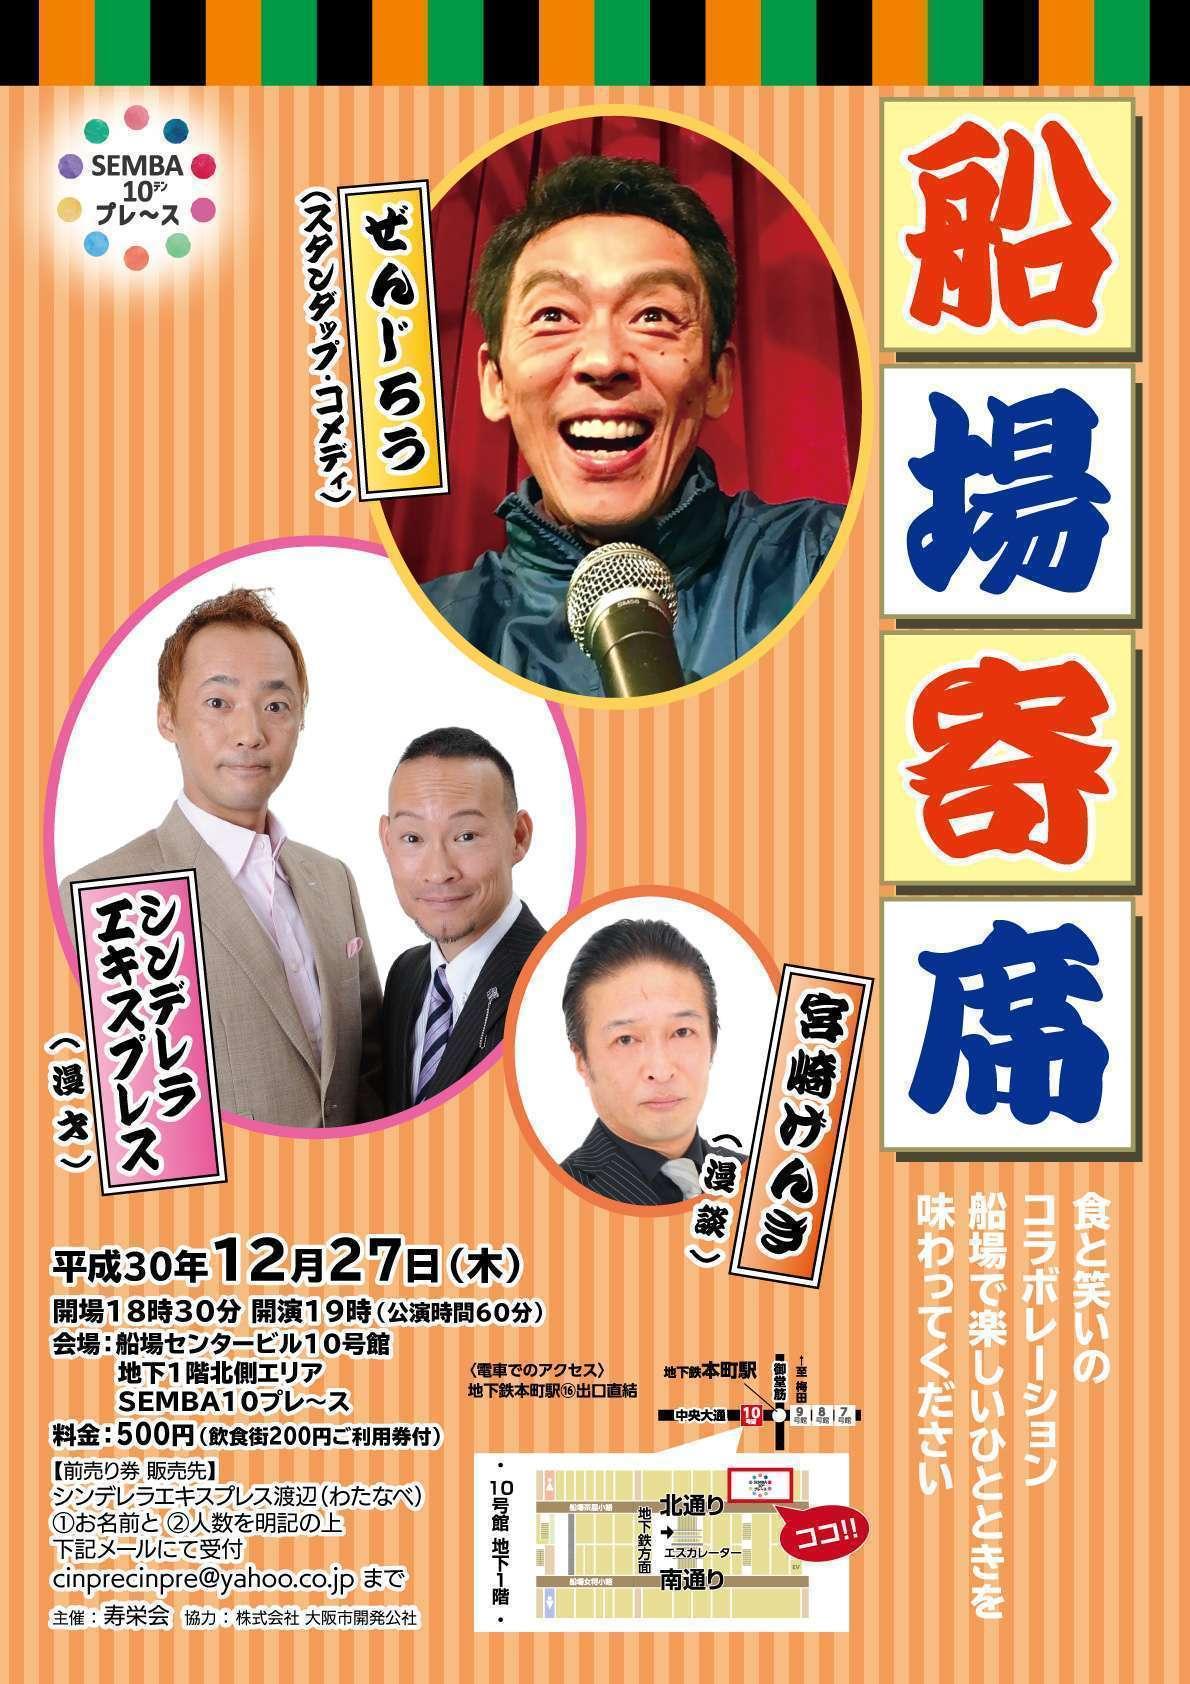 【イベント】船場寄席 其の五!ゲスト ぜんじろうさん!他